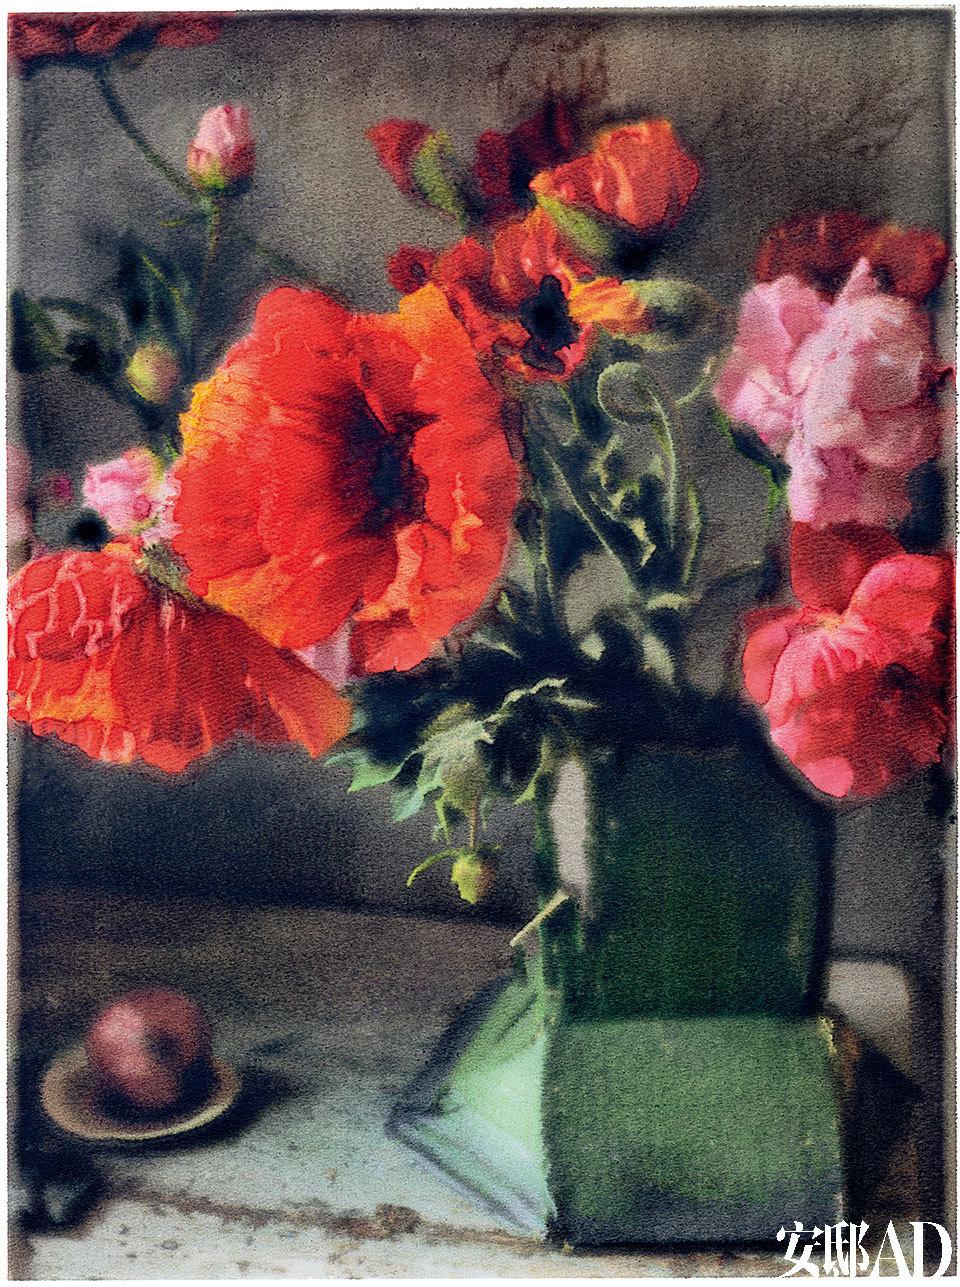 汤普森的摄影美术作品,他对花朵的捕捉惟妙惟肖。